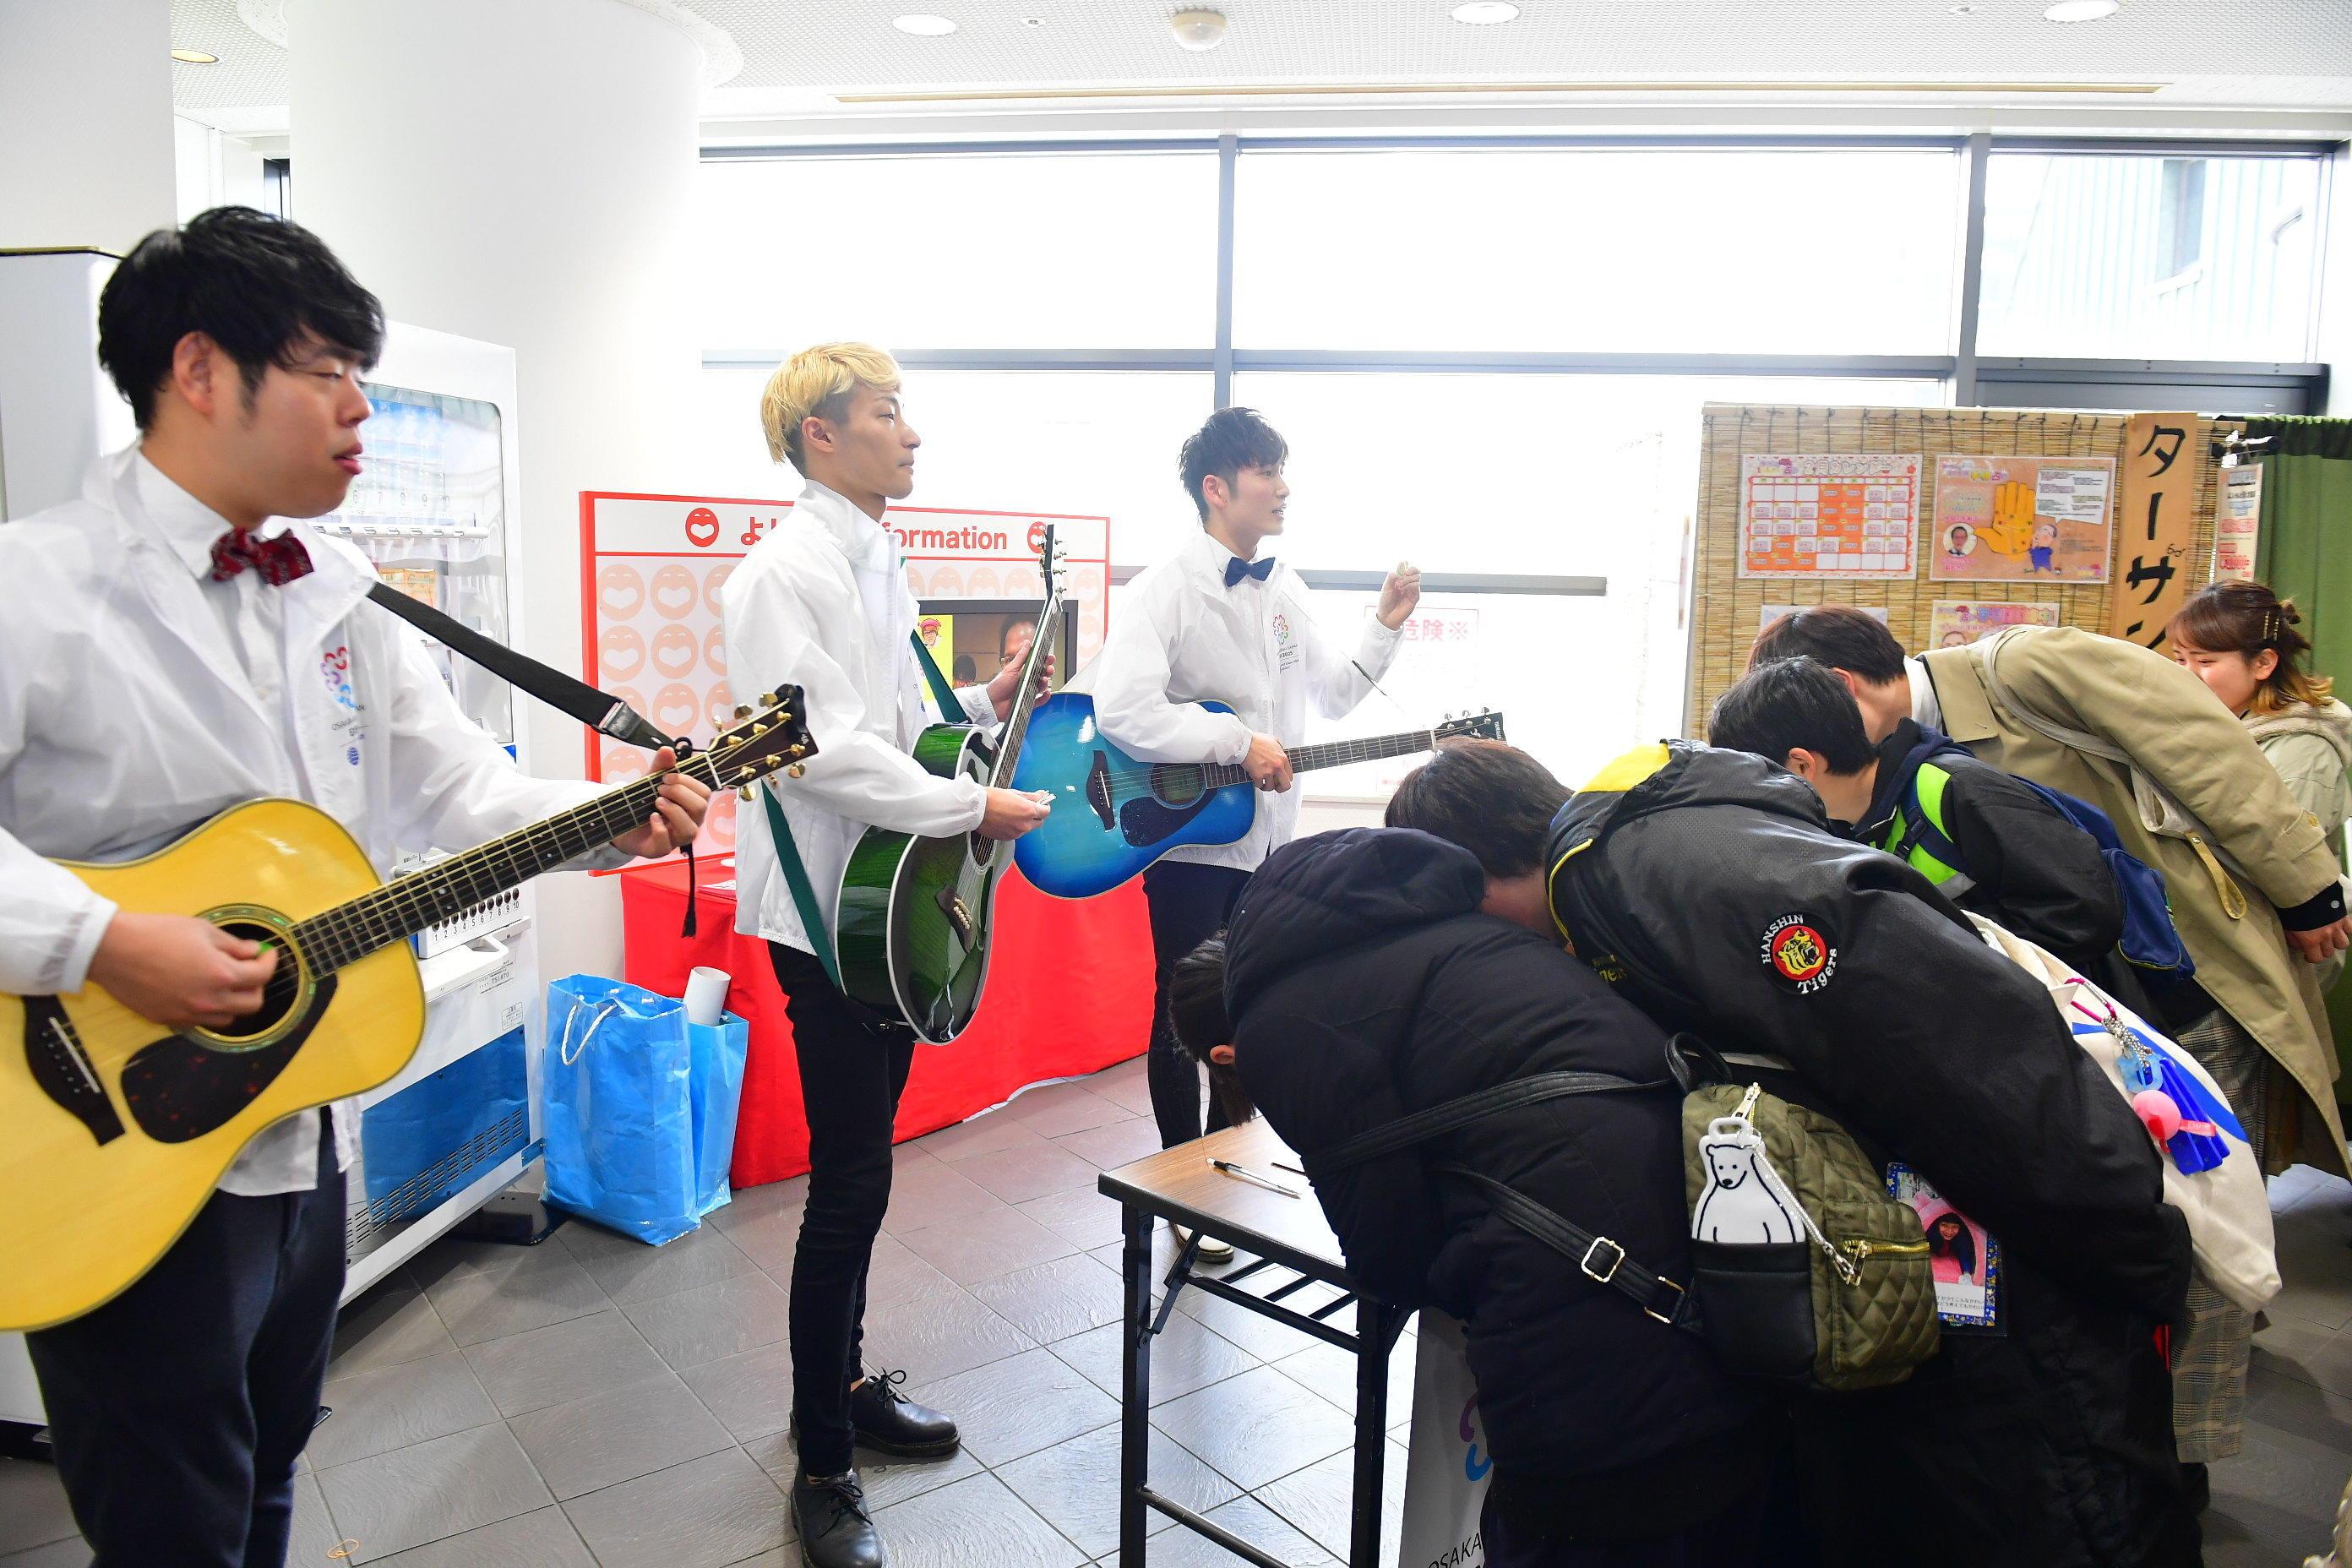 http://news.yoshimoto.co.jp/20180225120830-9766014c67bfd2d447886b4d5d36816bbb7a2eac.jpg